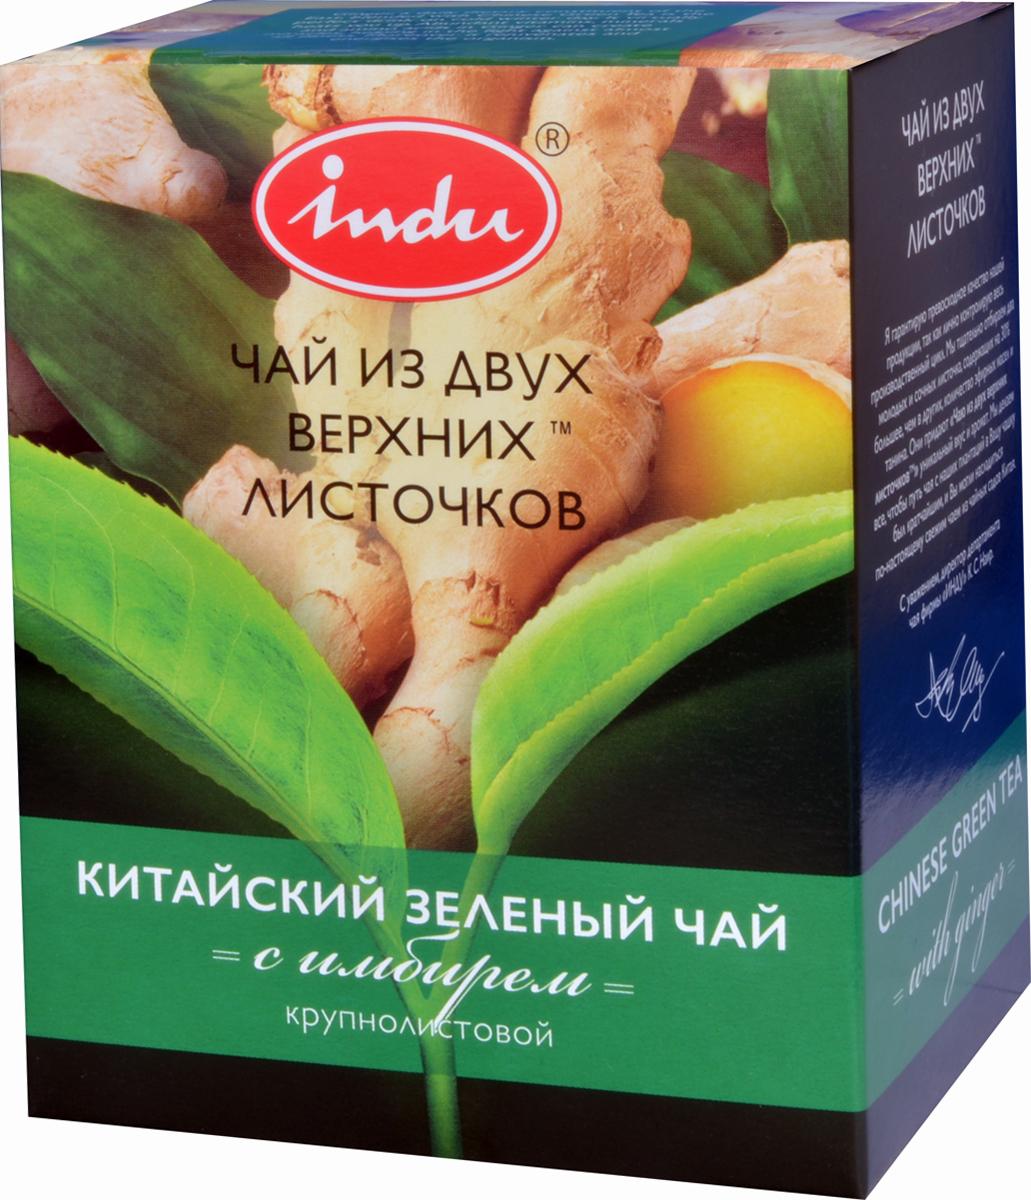 Indu Китайский зеленый листовой чай с имбирем, 90 гTTL-GCH-194Чай для зимней погоды. Имбирь, содержащийся в этом напитке буквально способен согреть вас. Являясь кладовой полезных минералов, витаминов и аминокислот, он творит чудеса, помогая чуть ли не от всех болезней холодной поры. А еще он помогает справиться с вялостью и усталостью.